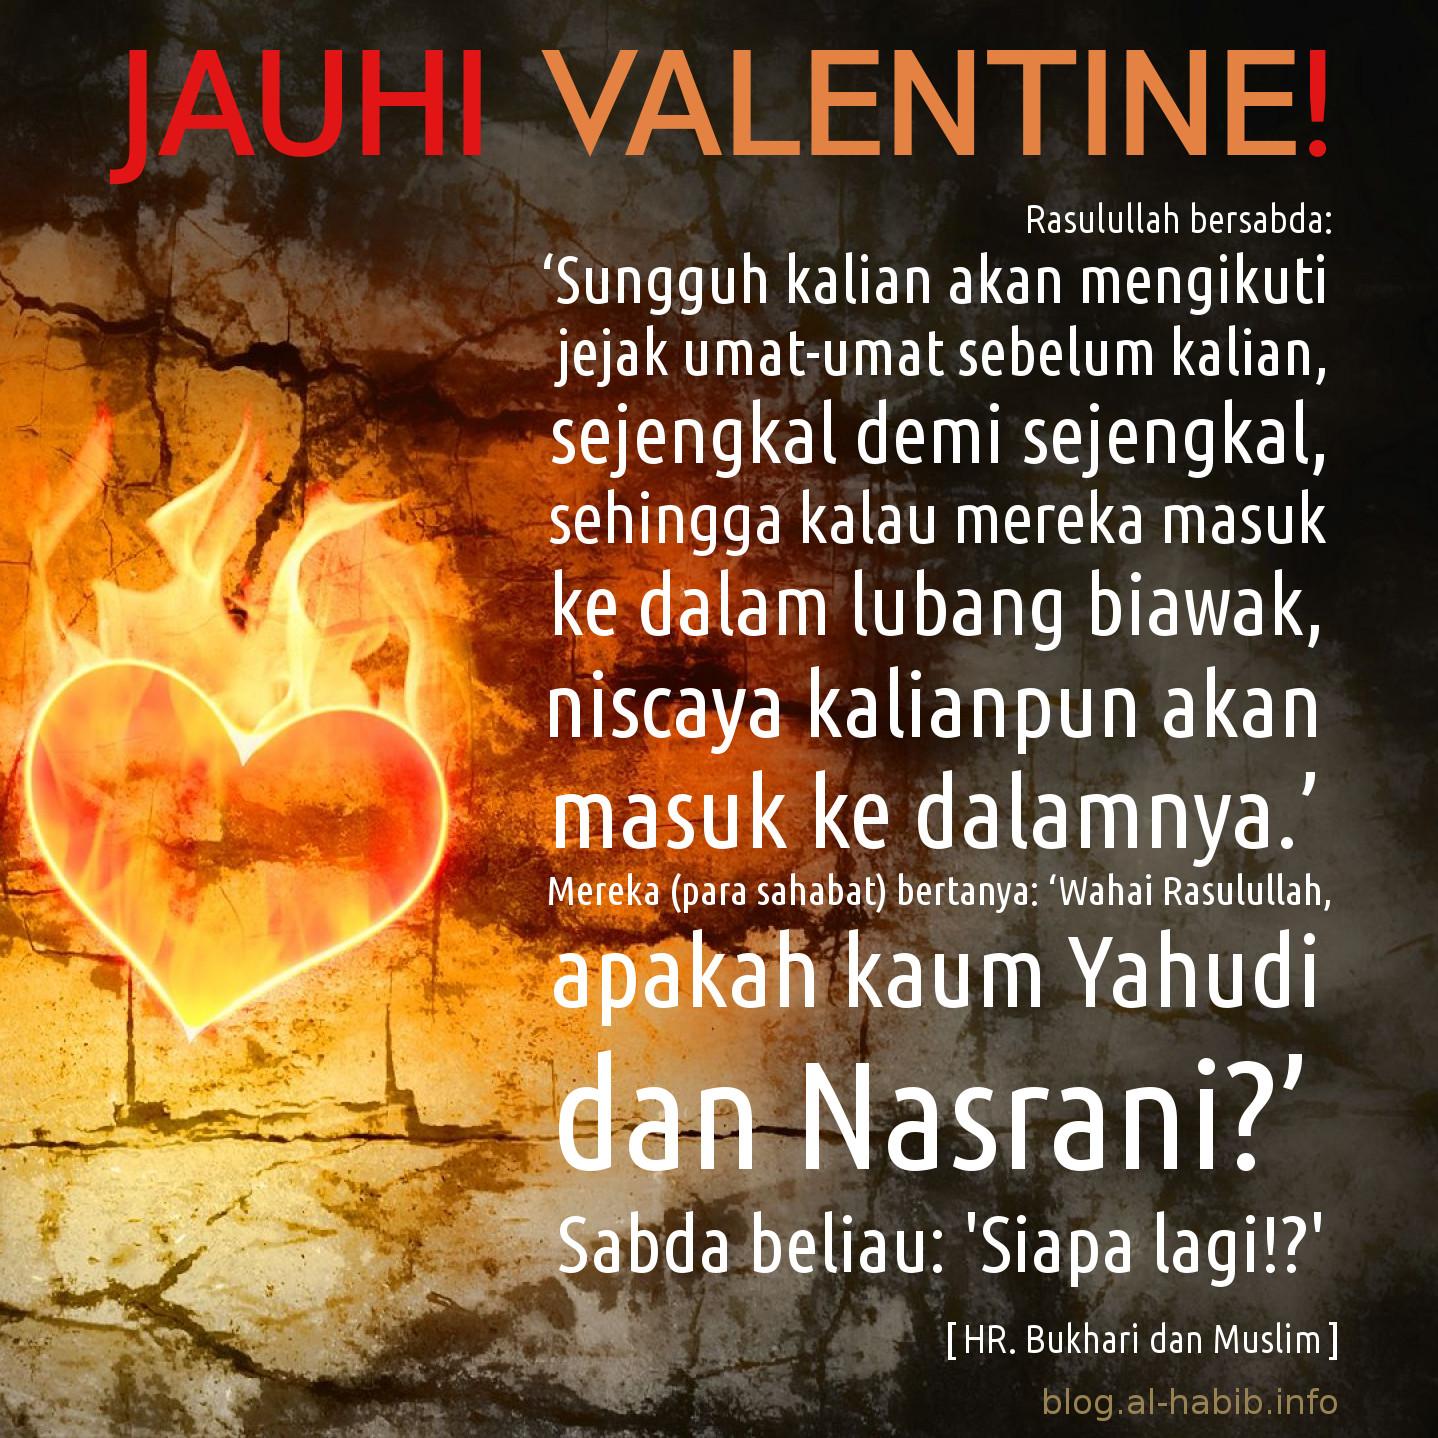 Mutiara Islam: Jauhi Valentine, karena kita ibarat mengikuti orang-orang yang masuk ke dalam lubang biawak, masuk ke dalam mara bahaya.